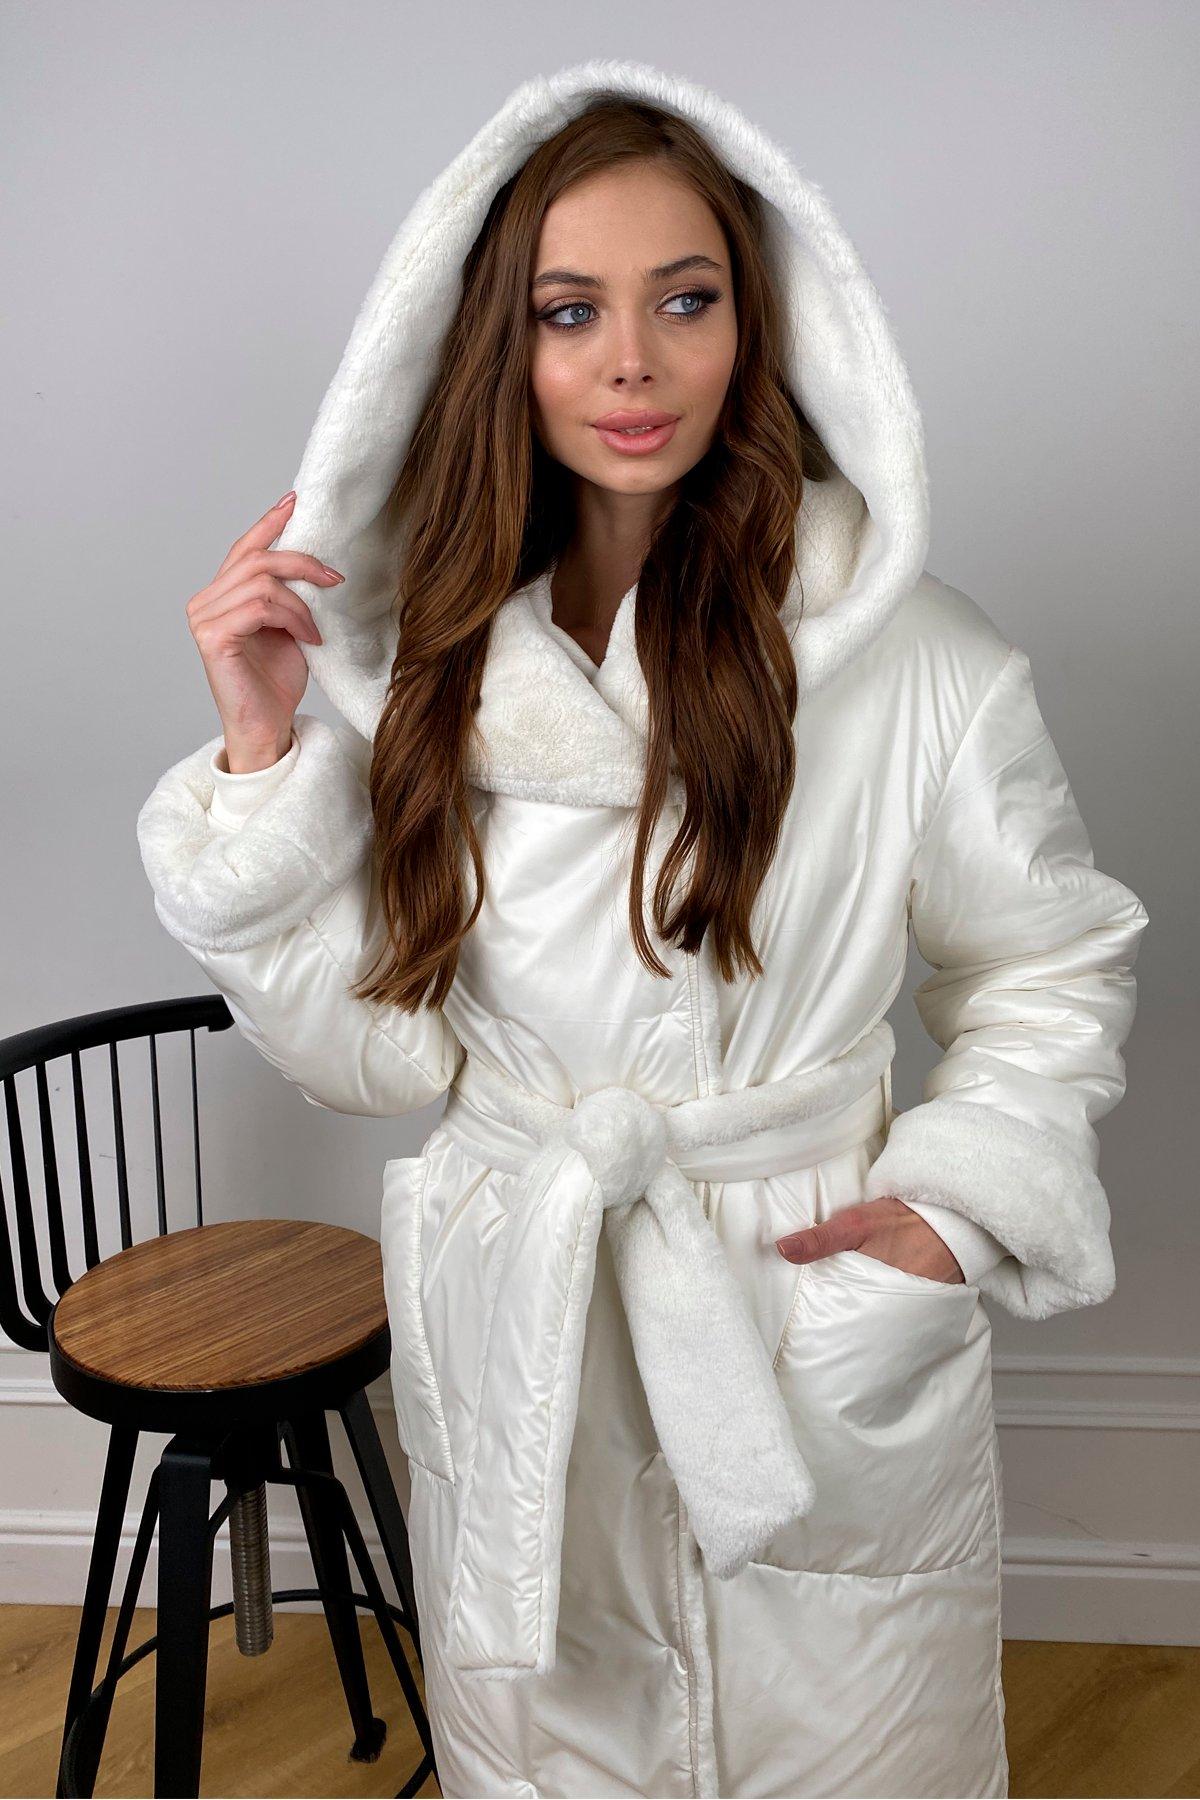 Сноу  теплое двухстороннее пальто из  еко меха и плотной  плащевки 10344 АРТ. 46645 Цвет: Молоко - фото 4, интернет магазин tm-modus.ru